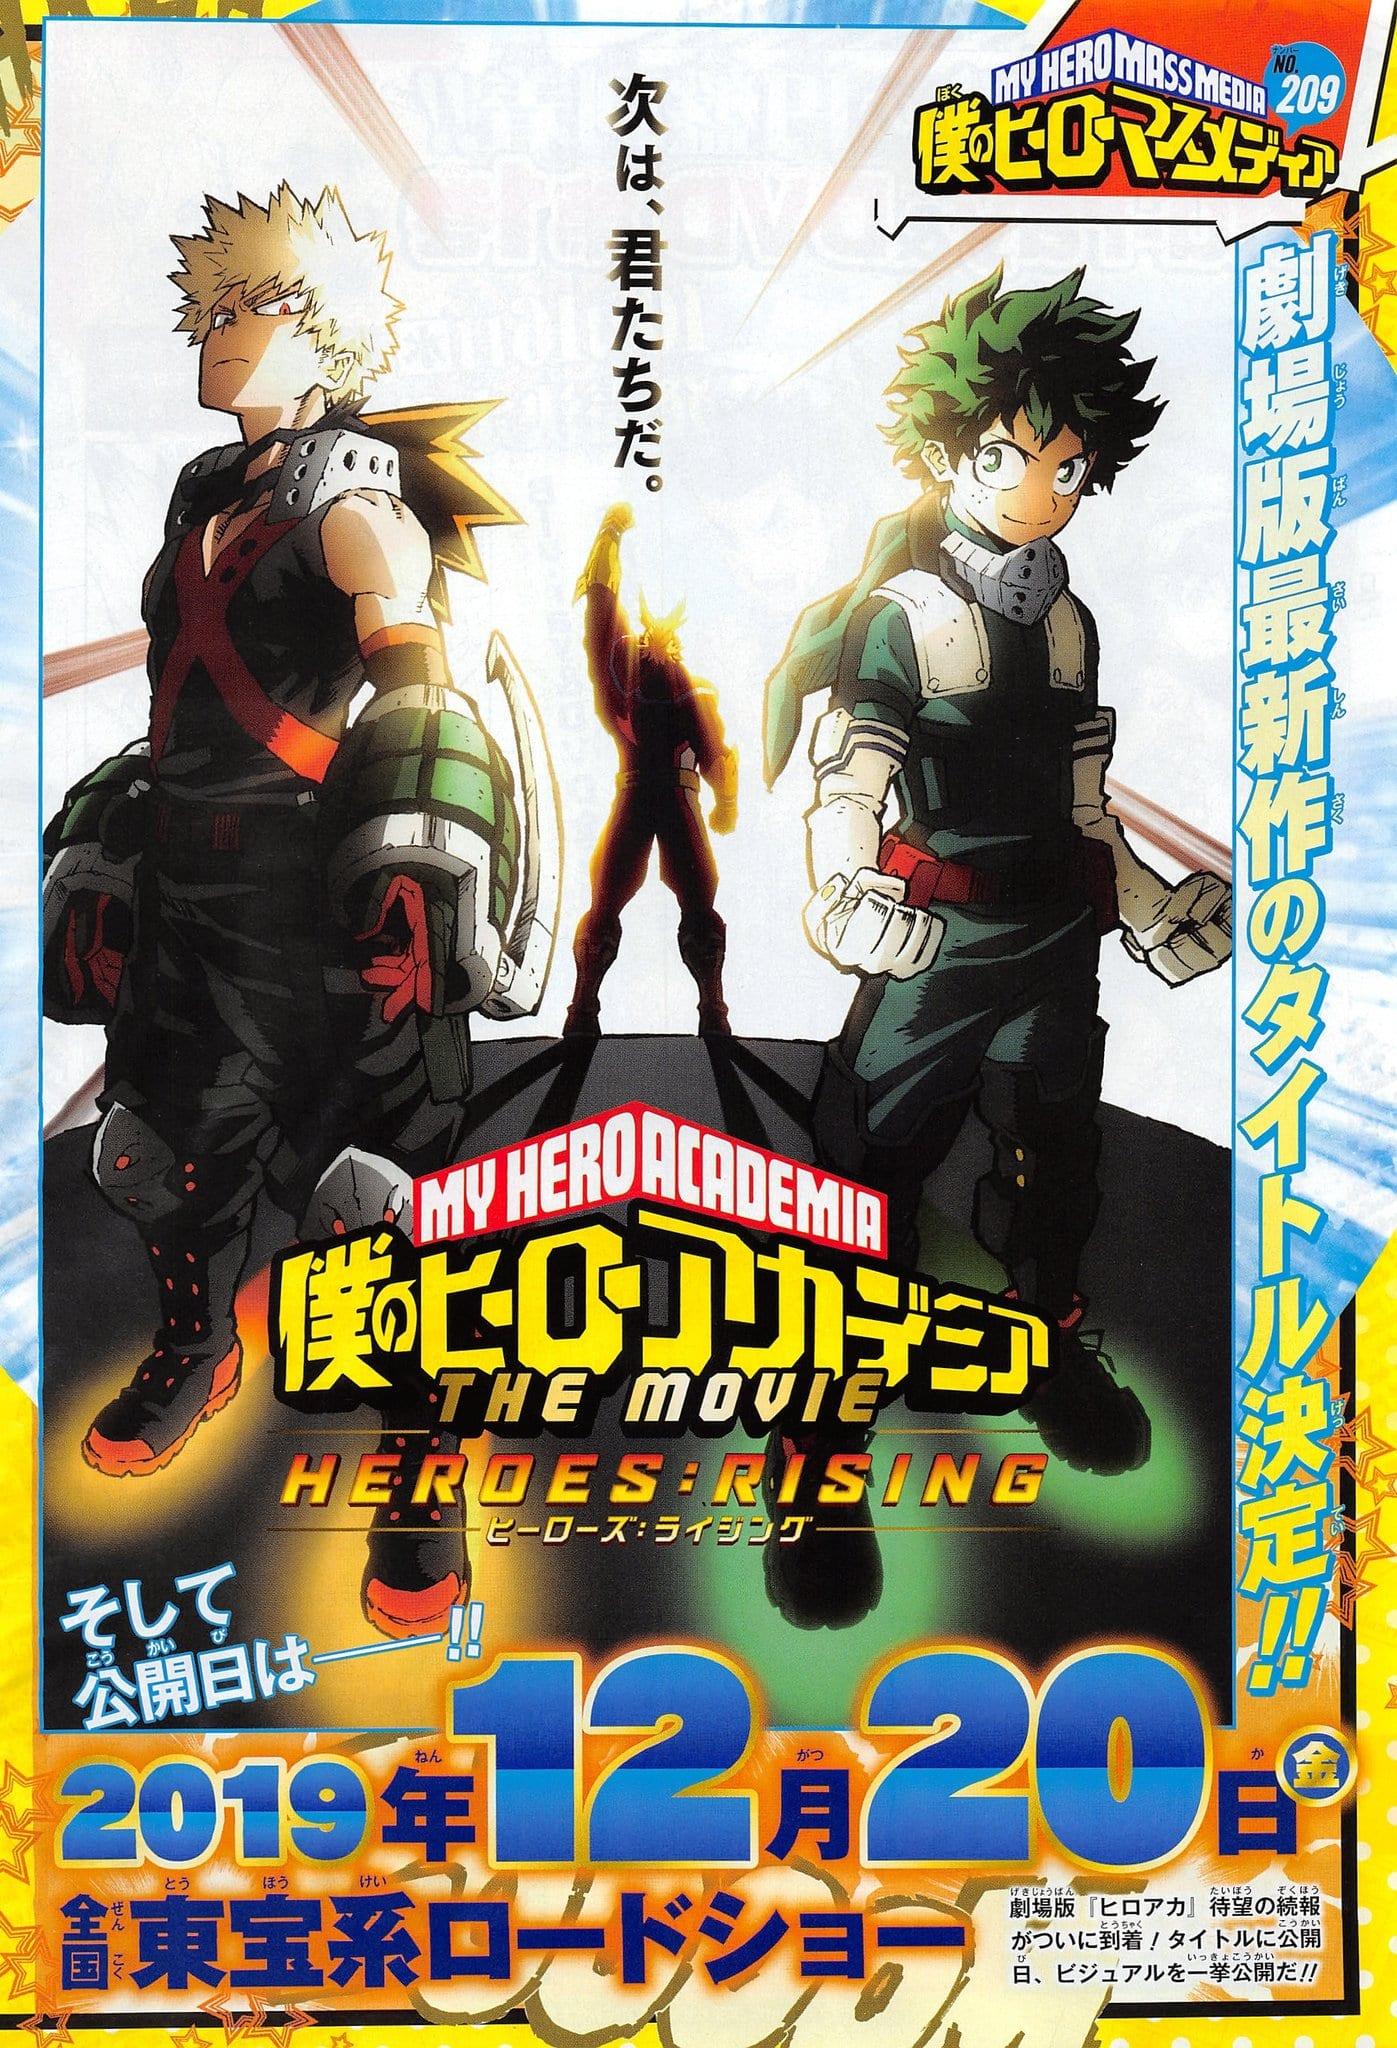 My Hero Academia Heroes Rising Release Date